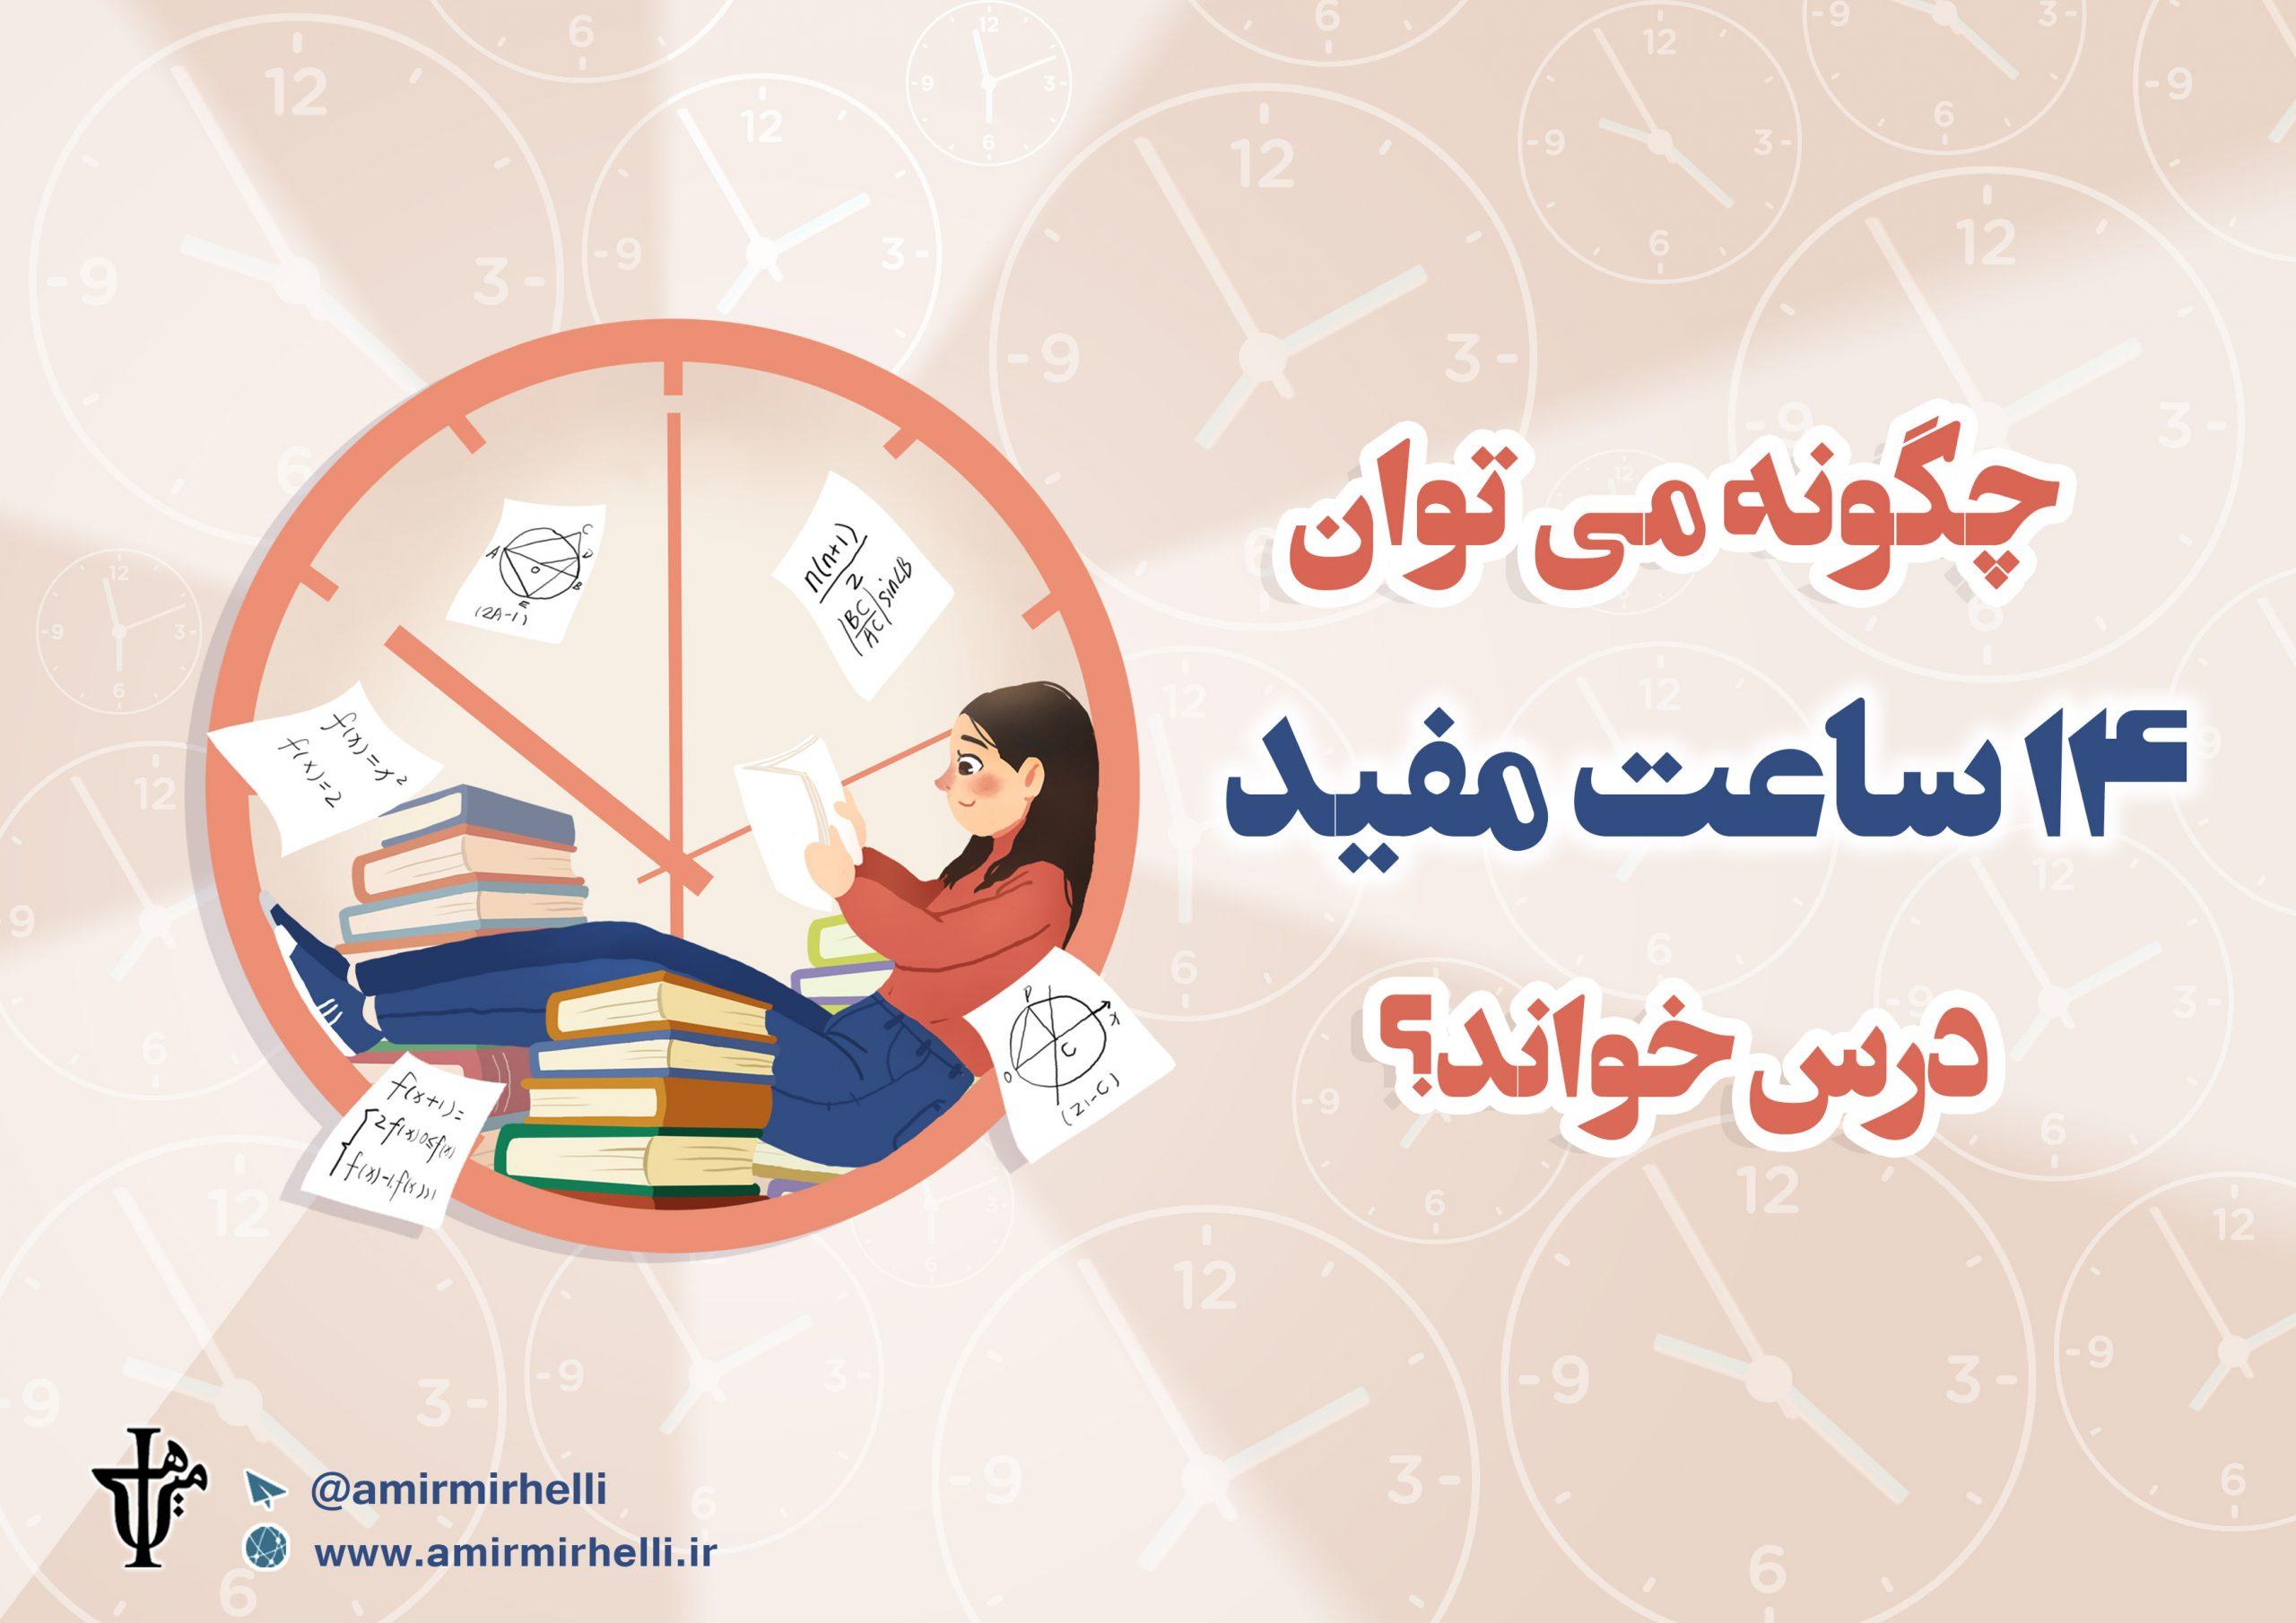 چگونه می توان 14 ساعت مفید درس خواند ؟!